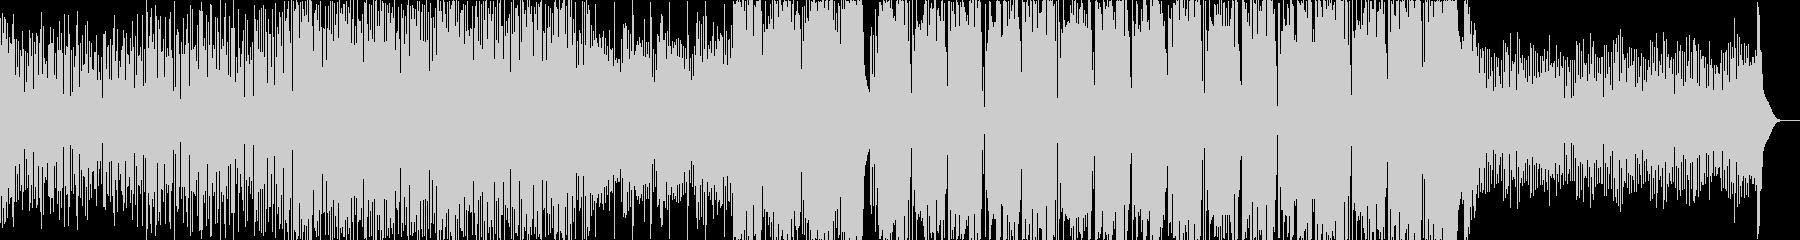 速めなFuture Bassの未再生の波形